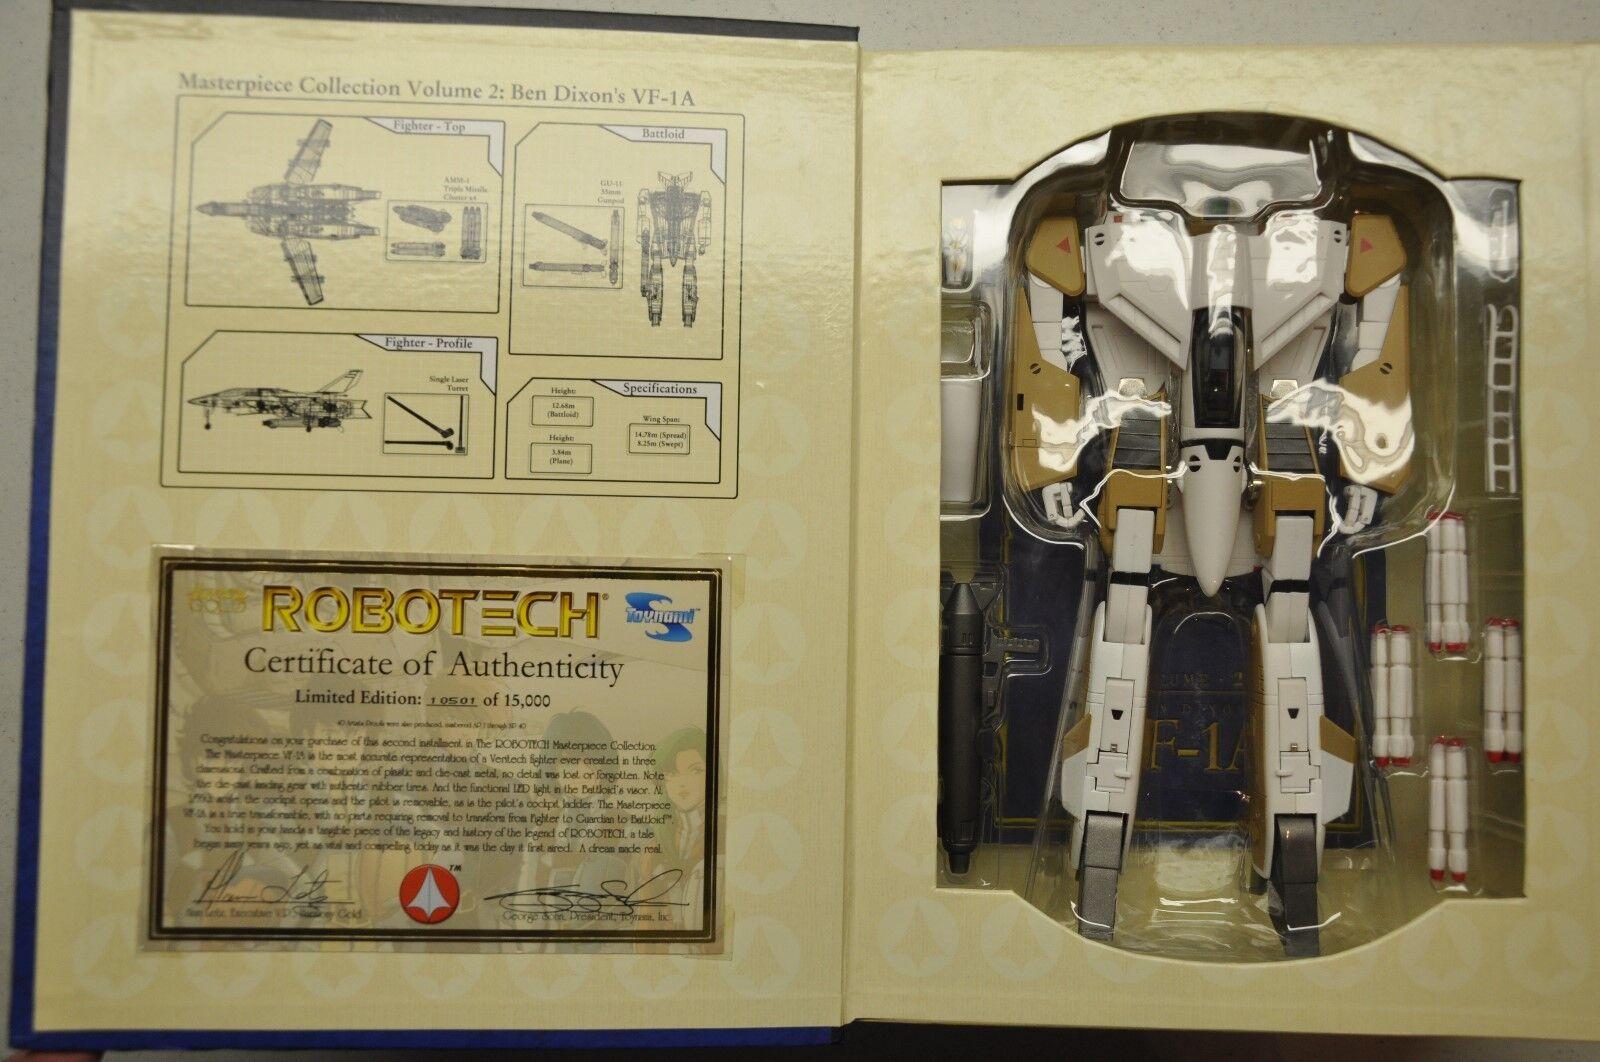 Juguetenami Robotech Masterpiece VF-1A Ben Dixon Veritech Fighter  sin usar, en caja